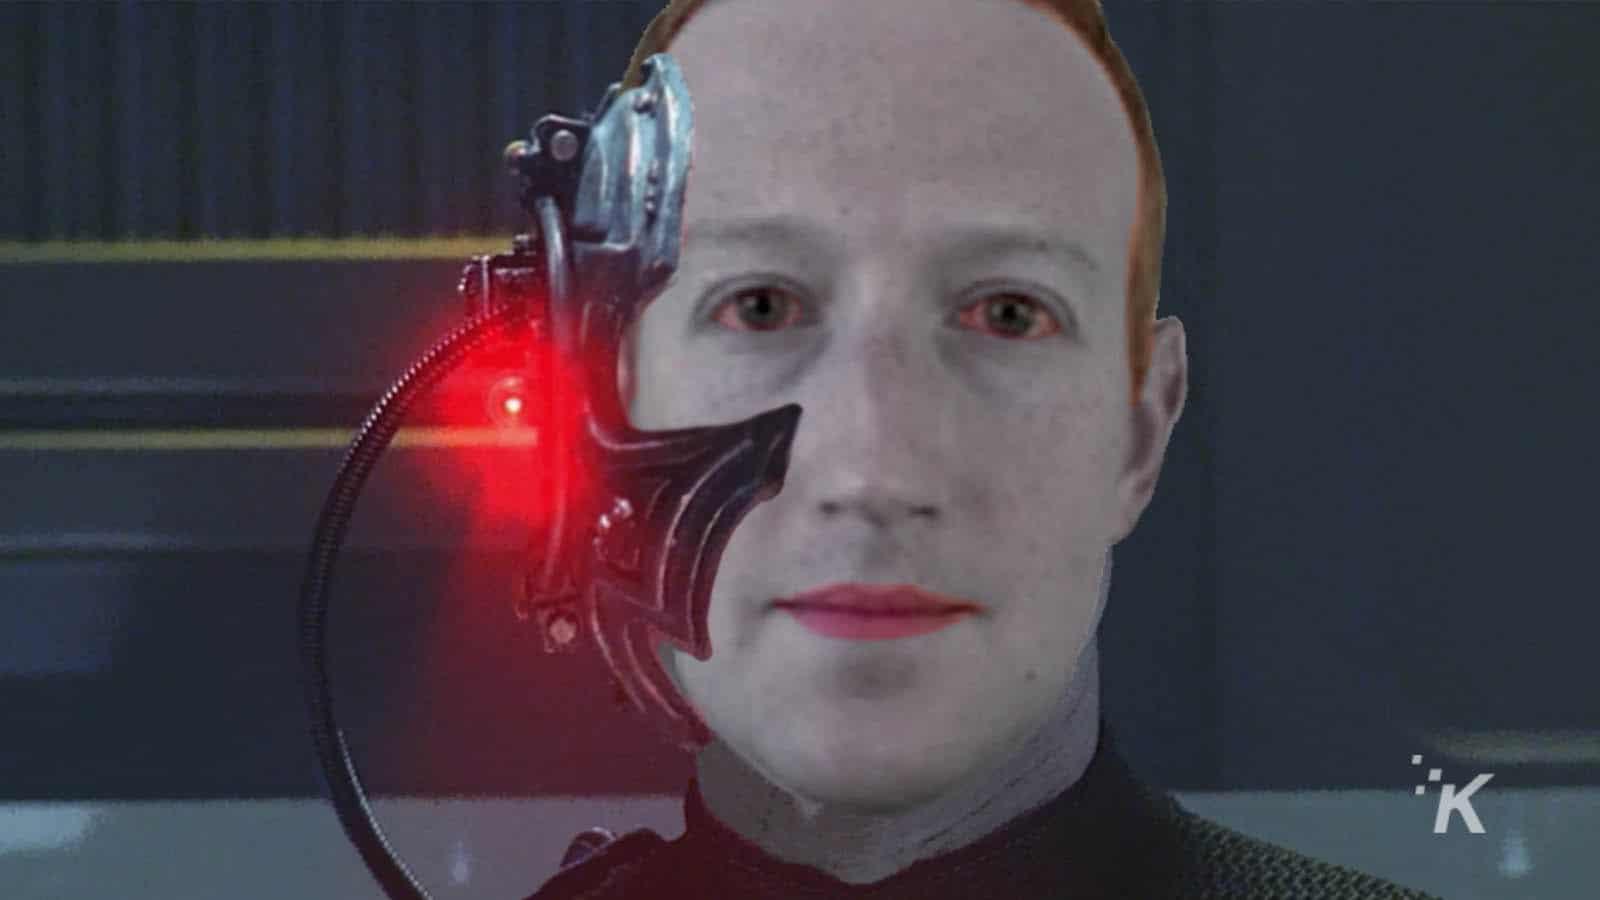 mark zuckerberg as a borg